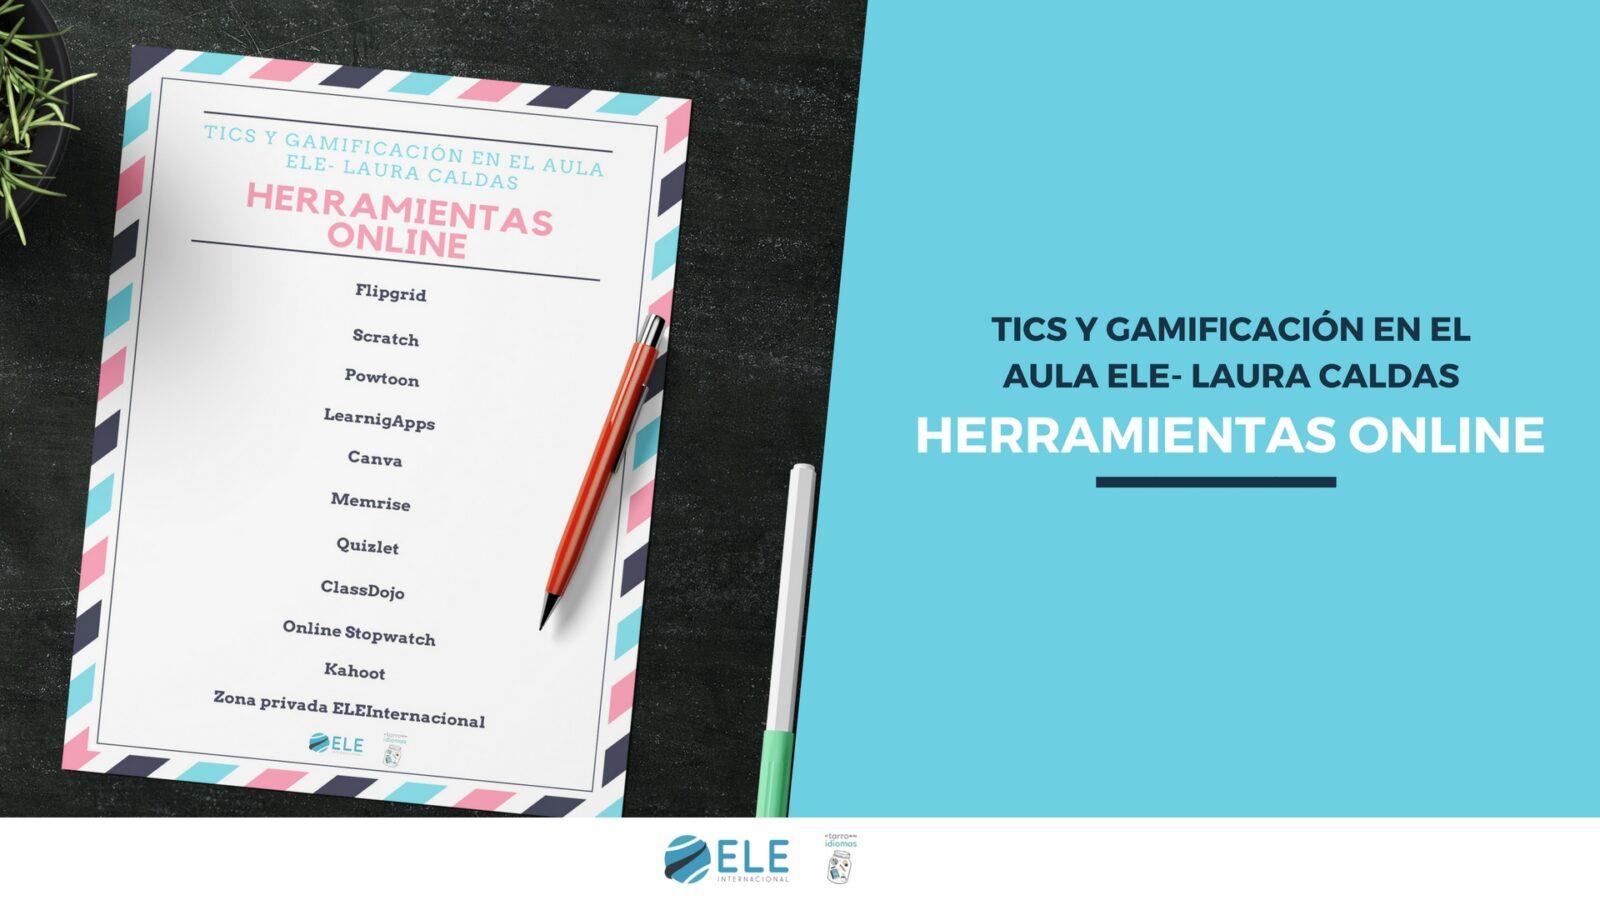 Gamificación en el aula ELE. Herramientas online para crear dinámicas de juego en clase de ELE. #juegos #gamificación #herramientasonline